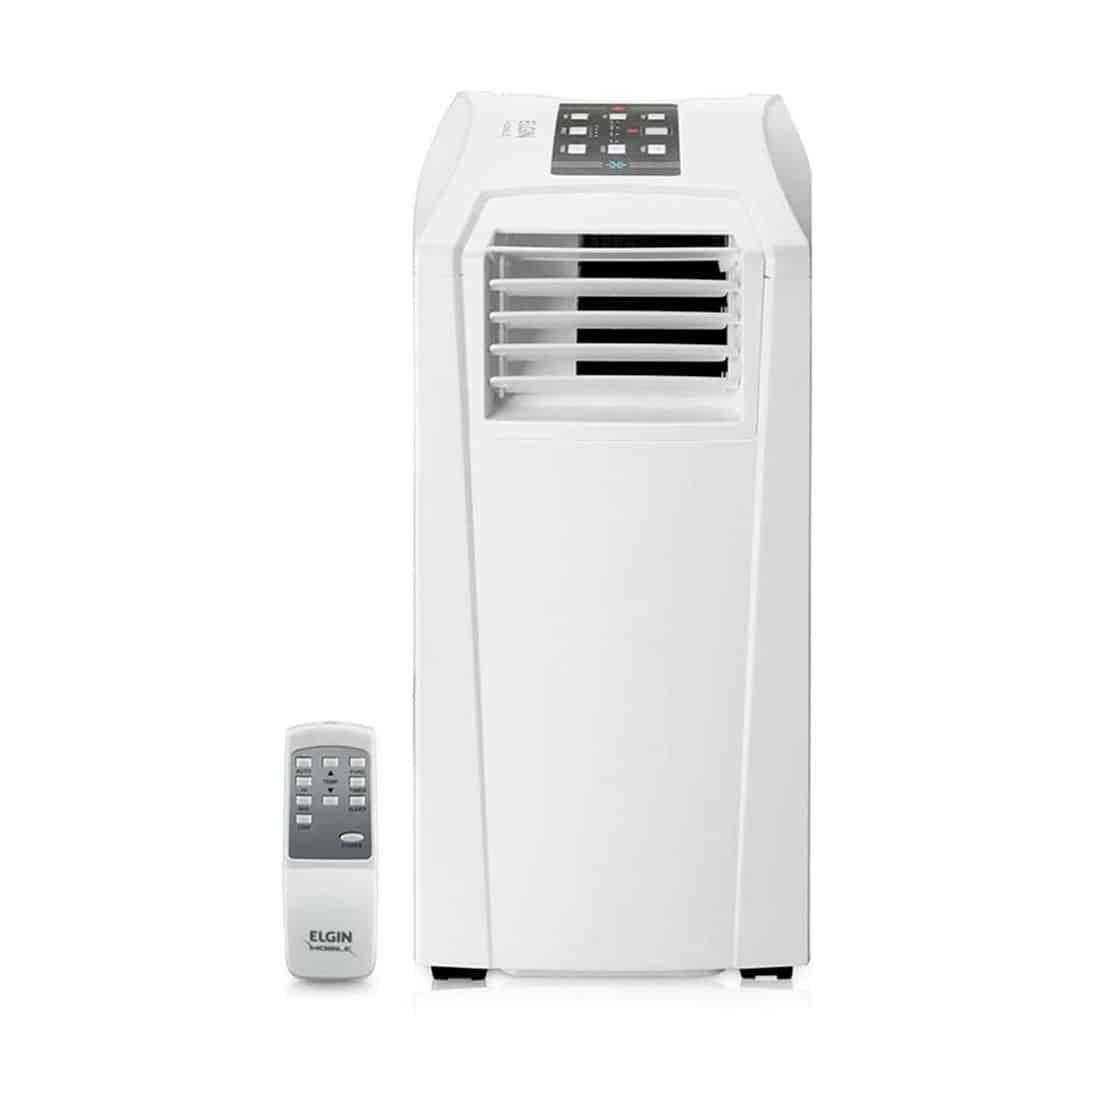 Melhor ar condicionado portátil: Elgin Mobile 9000 BTUs (MAF-9000)